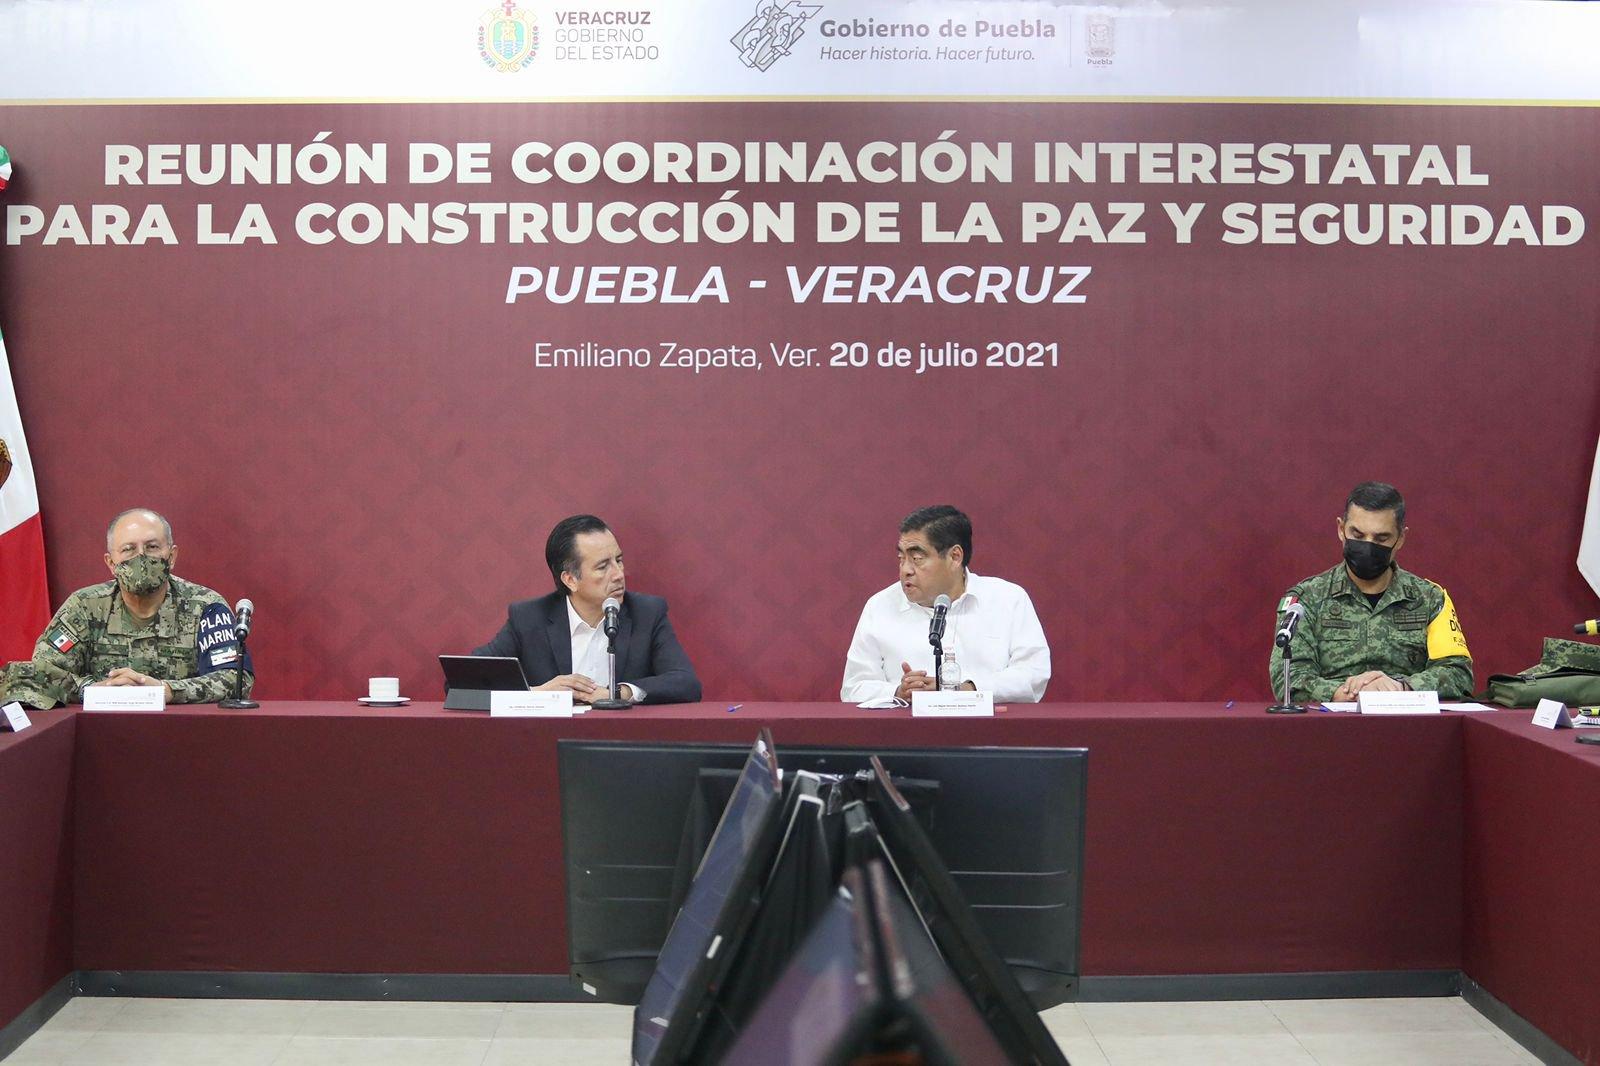 Puebla-Veracurz .jpeg